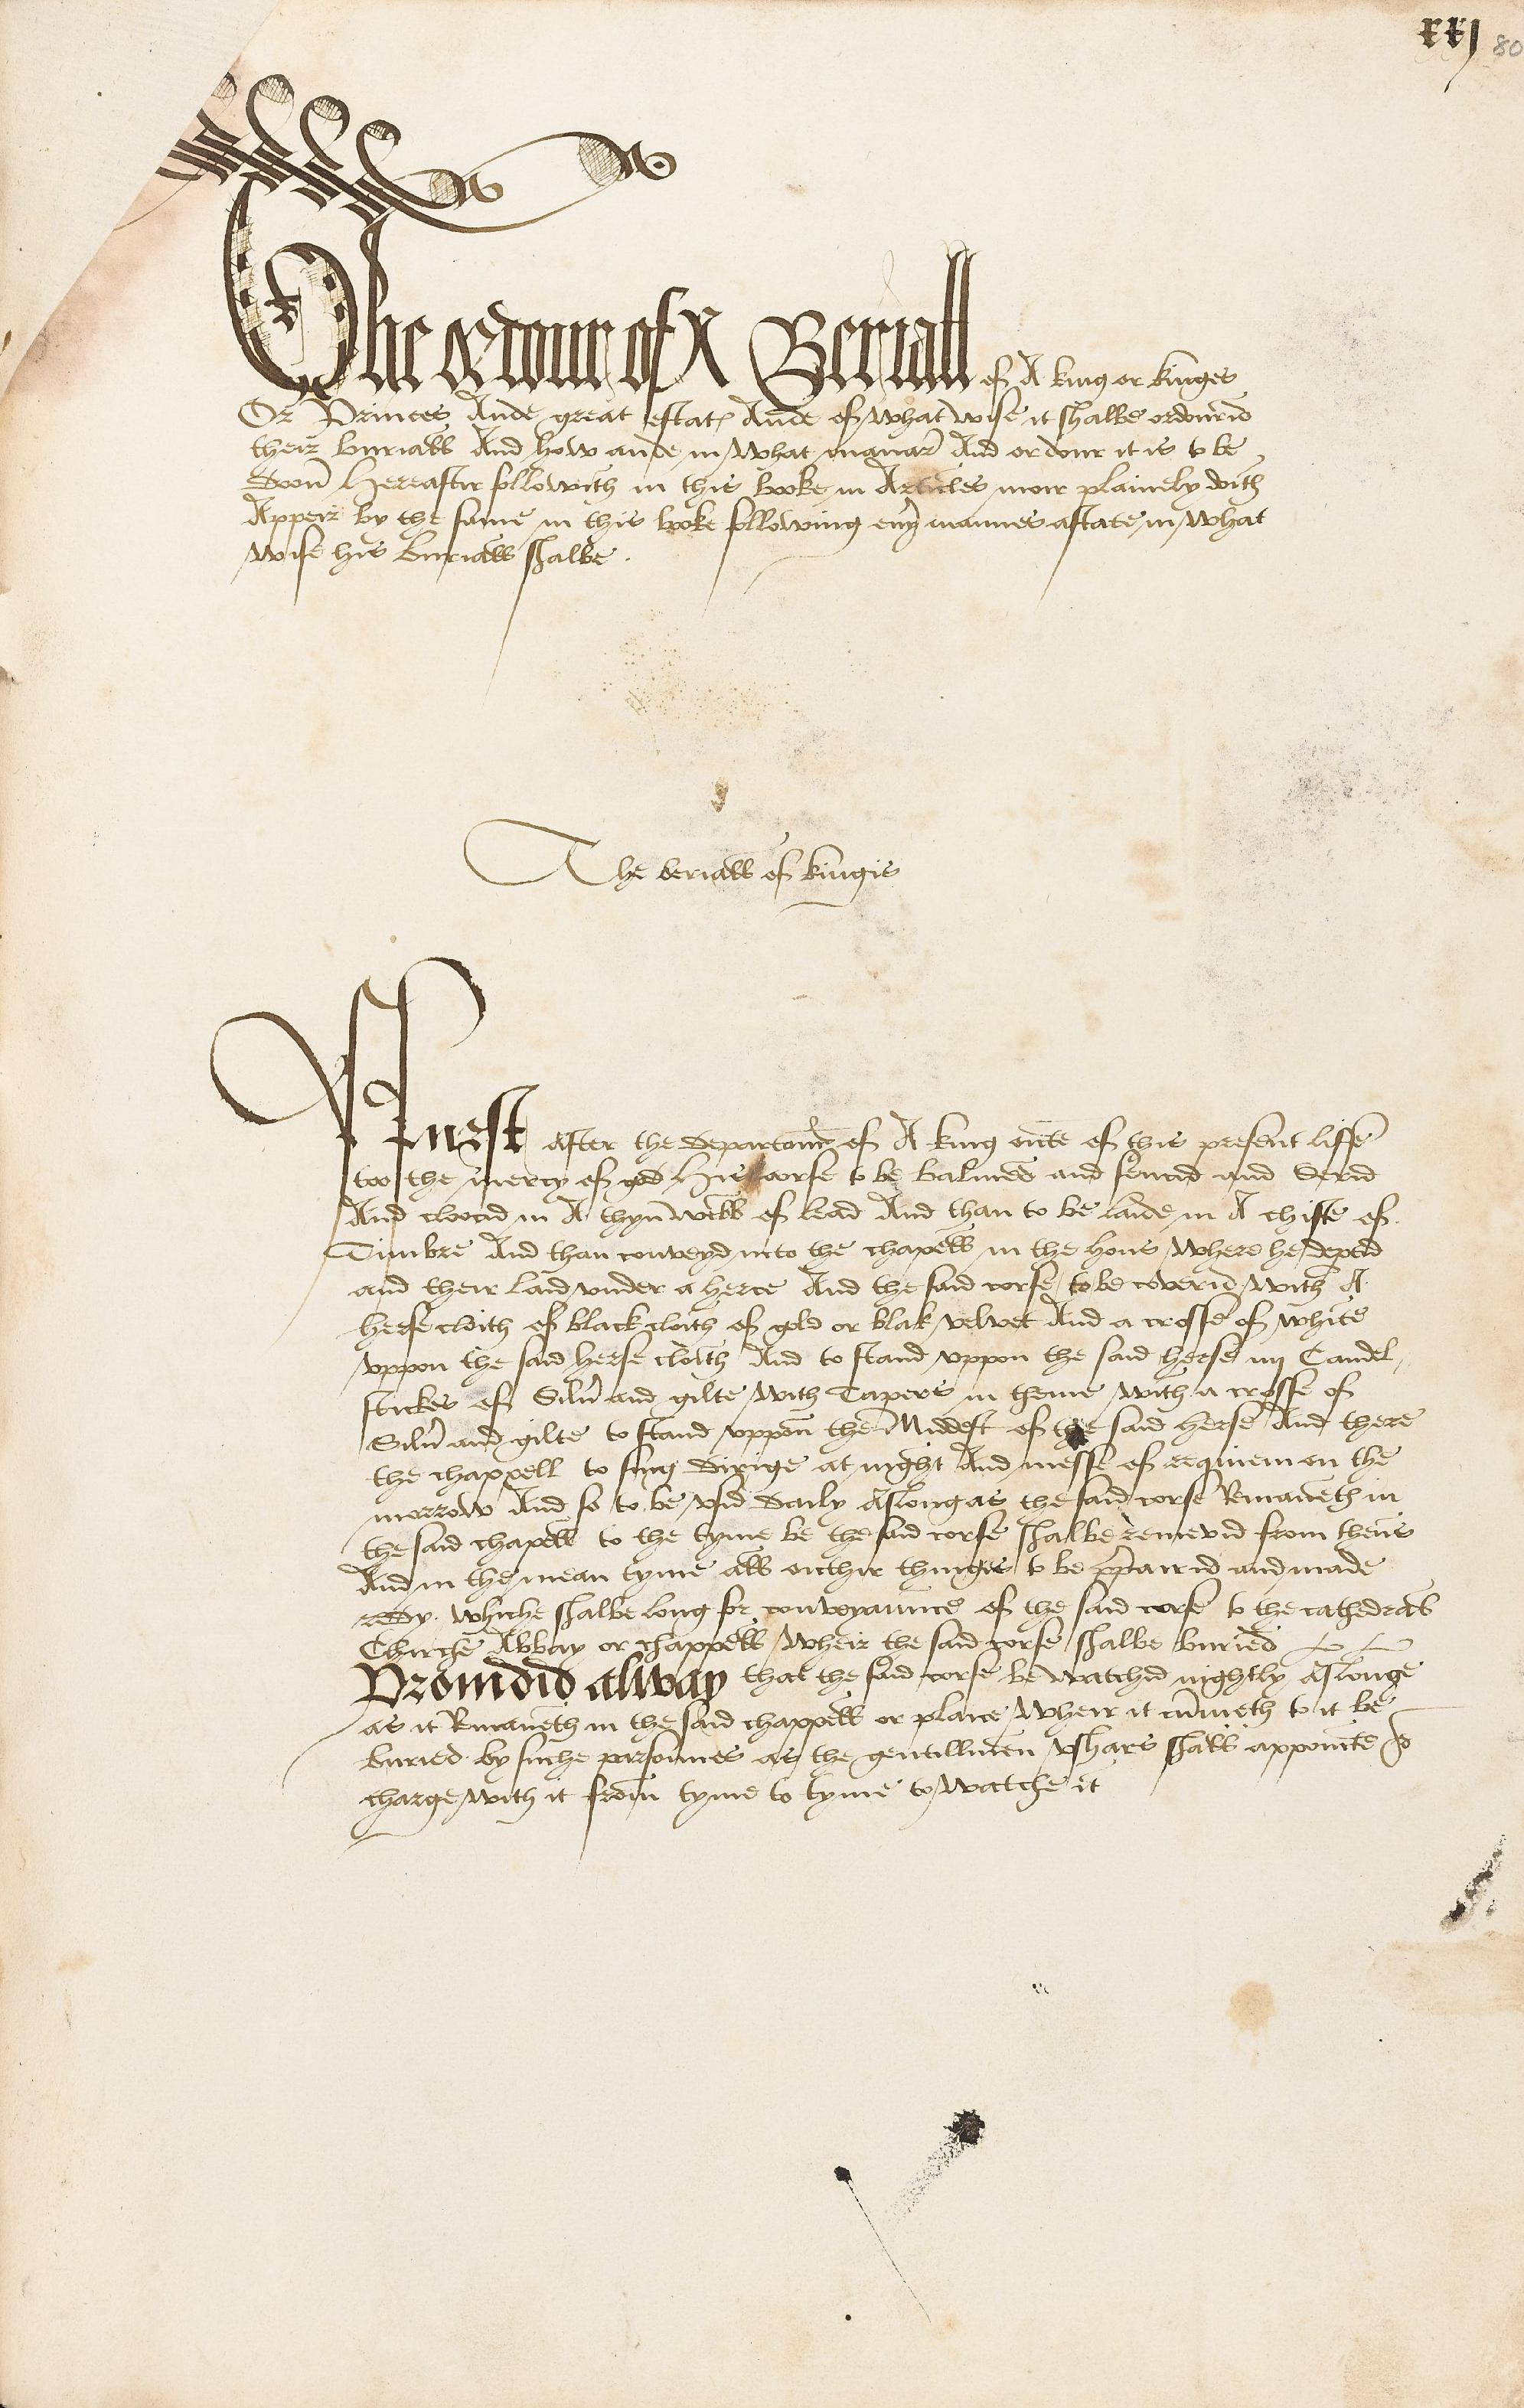 114-ms.eng.hist.b.208,fol.80r